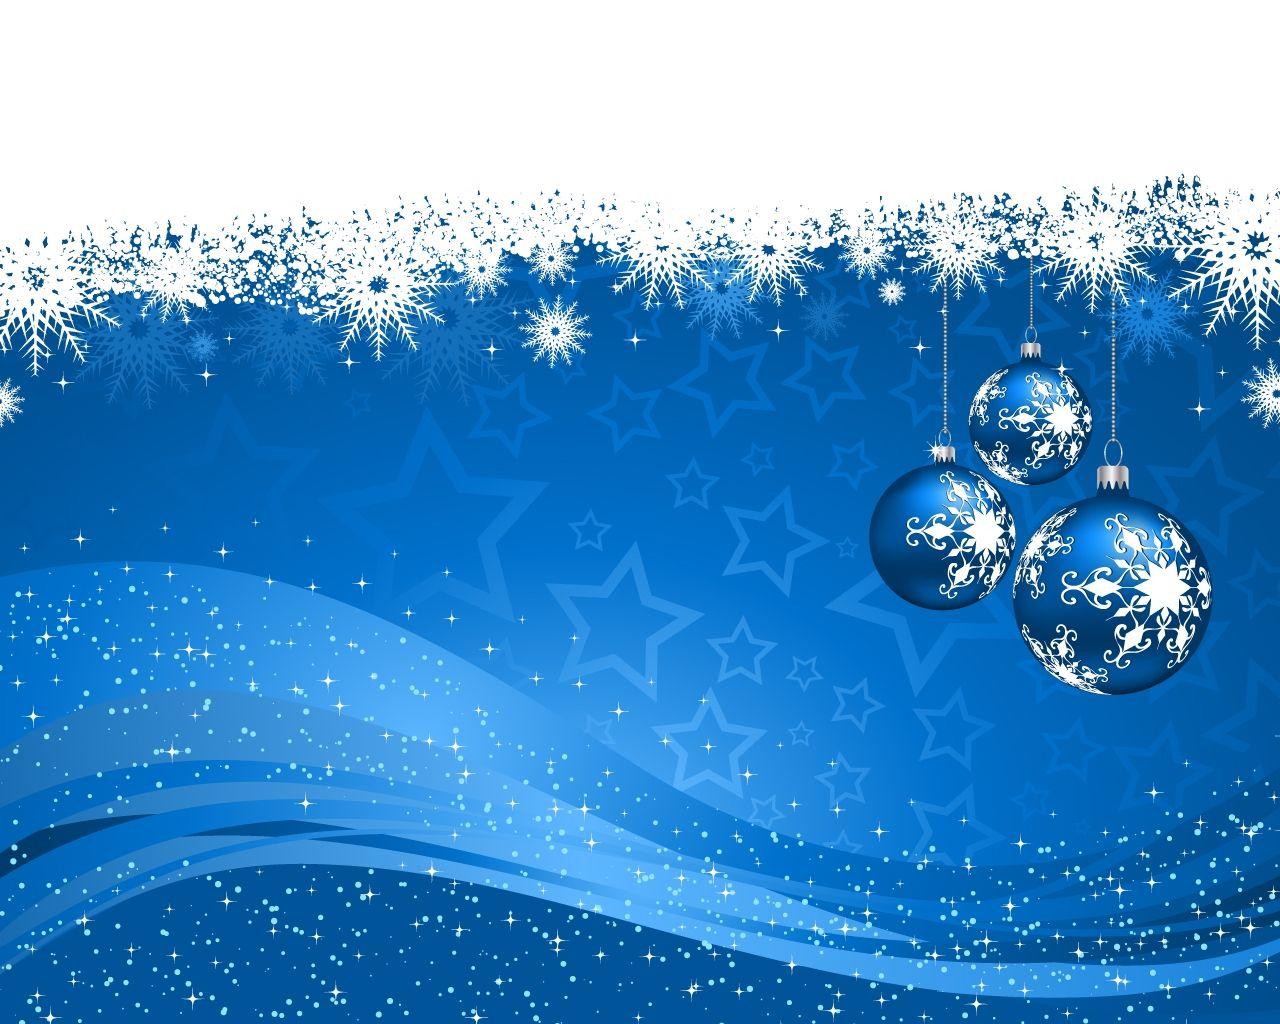 Árbol De Navidad Ilustración 2015 Ultra Hd Wallpapers: Fondos De Navidad 2016 Para Fondo Celular En Hd 11 HD